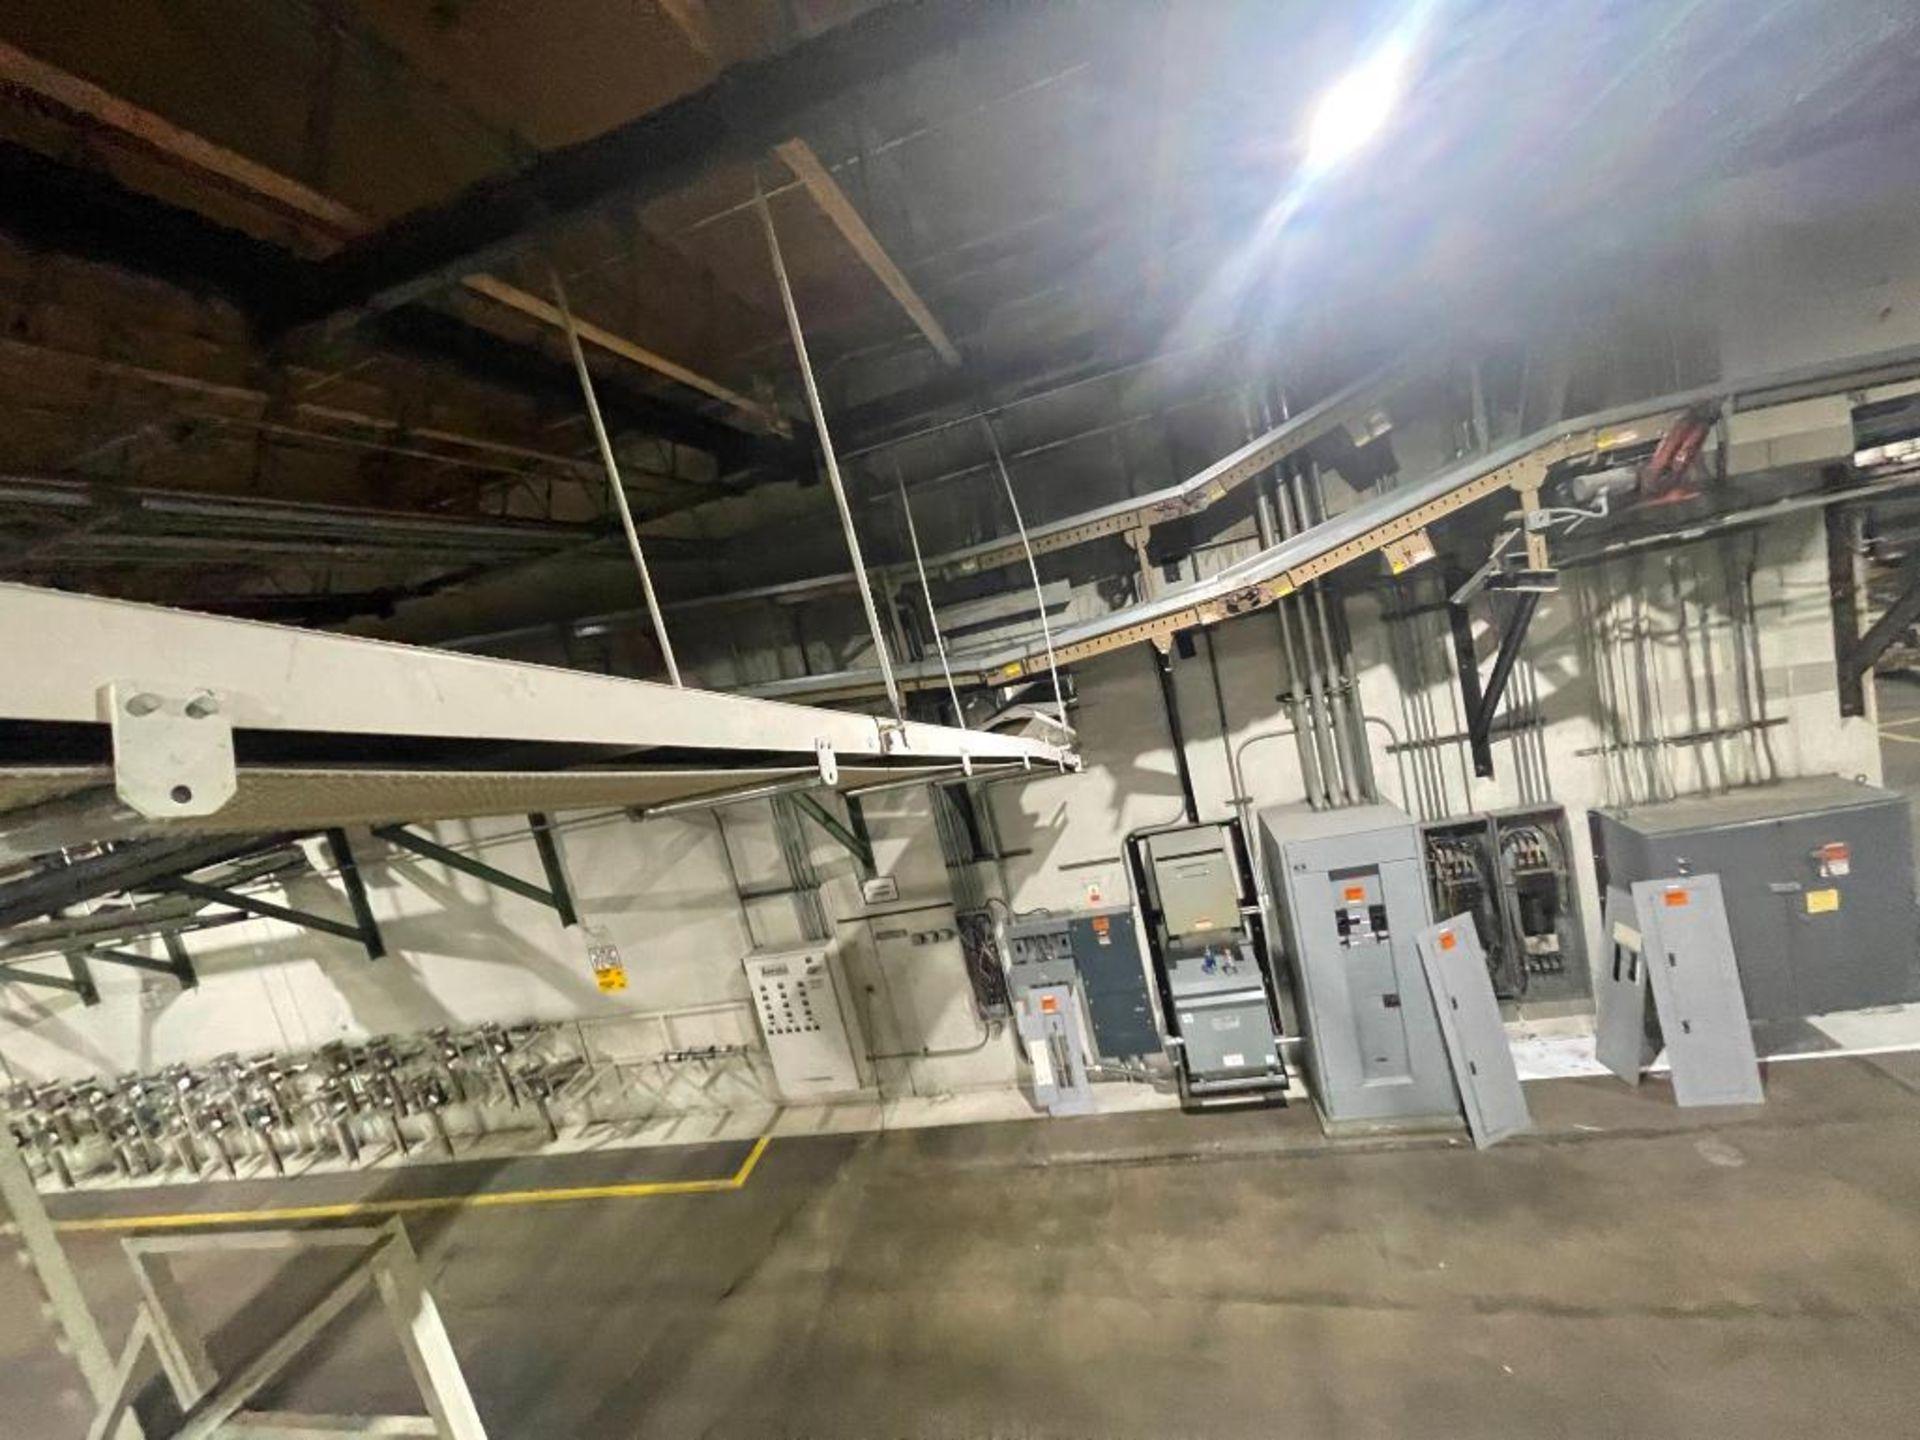 mild steel overhead belt conveyor - Image 12 of 12